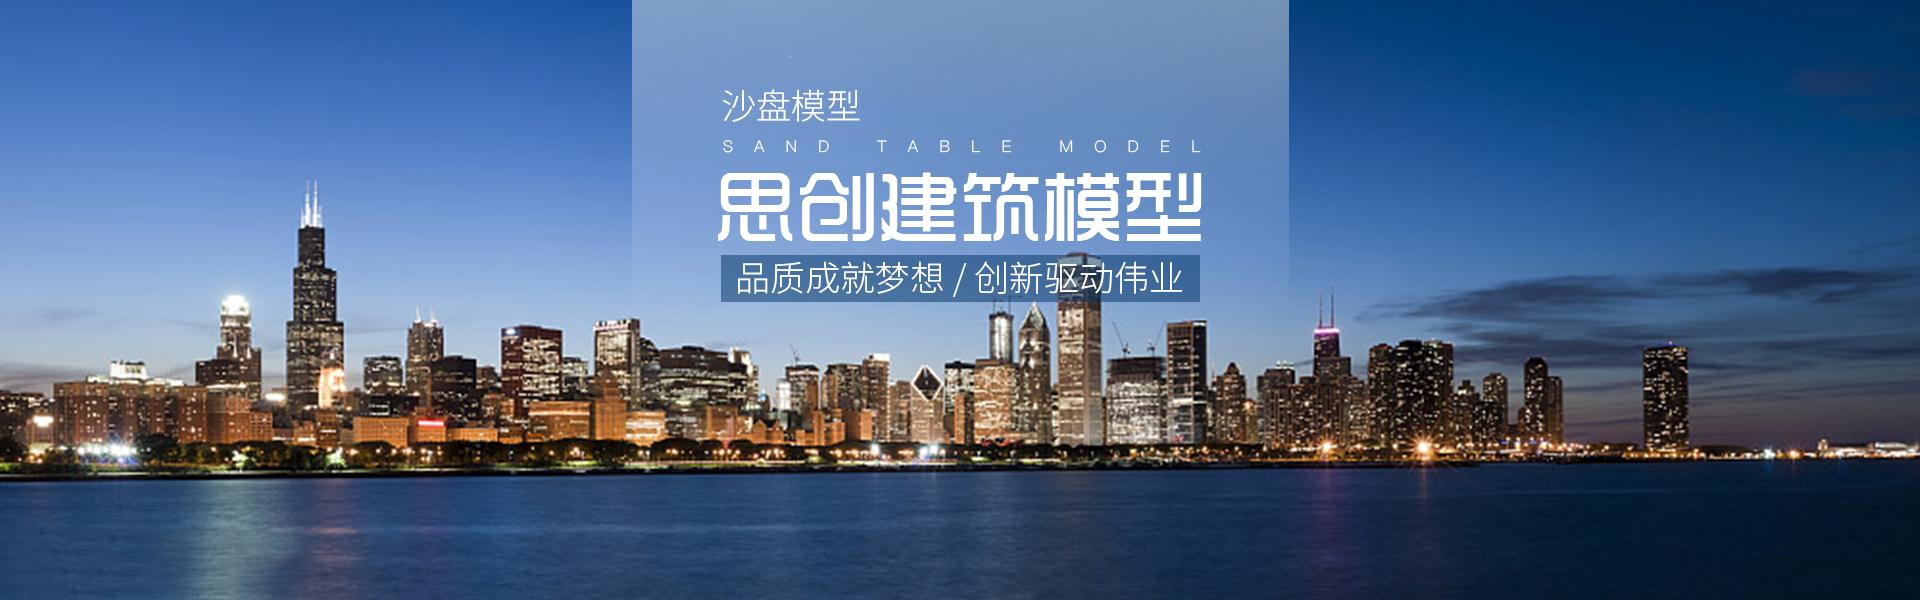 包头工业机械模型公司